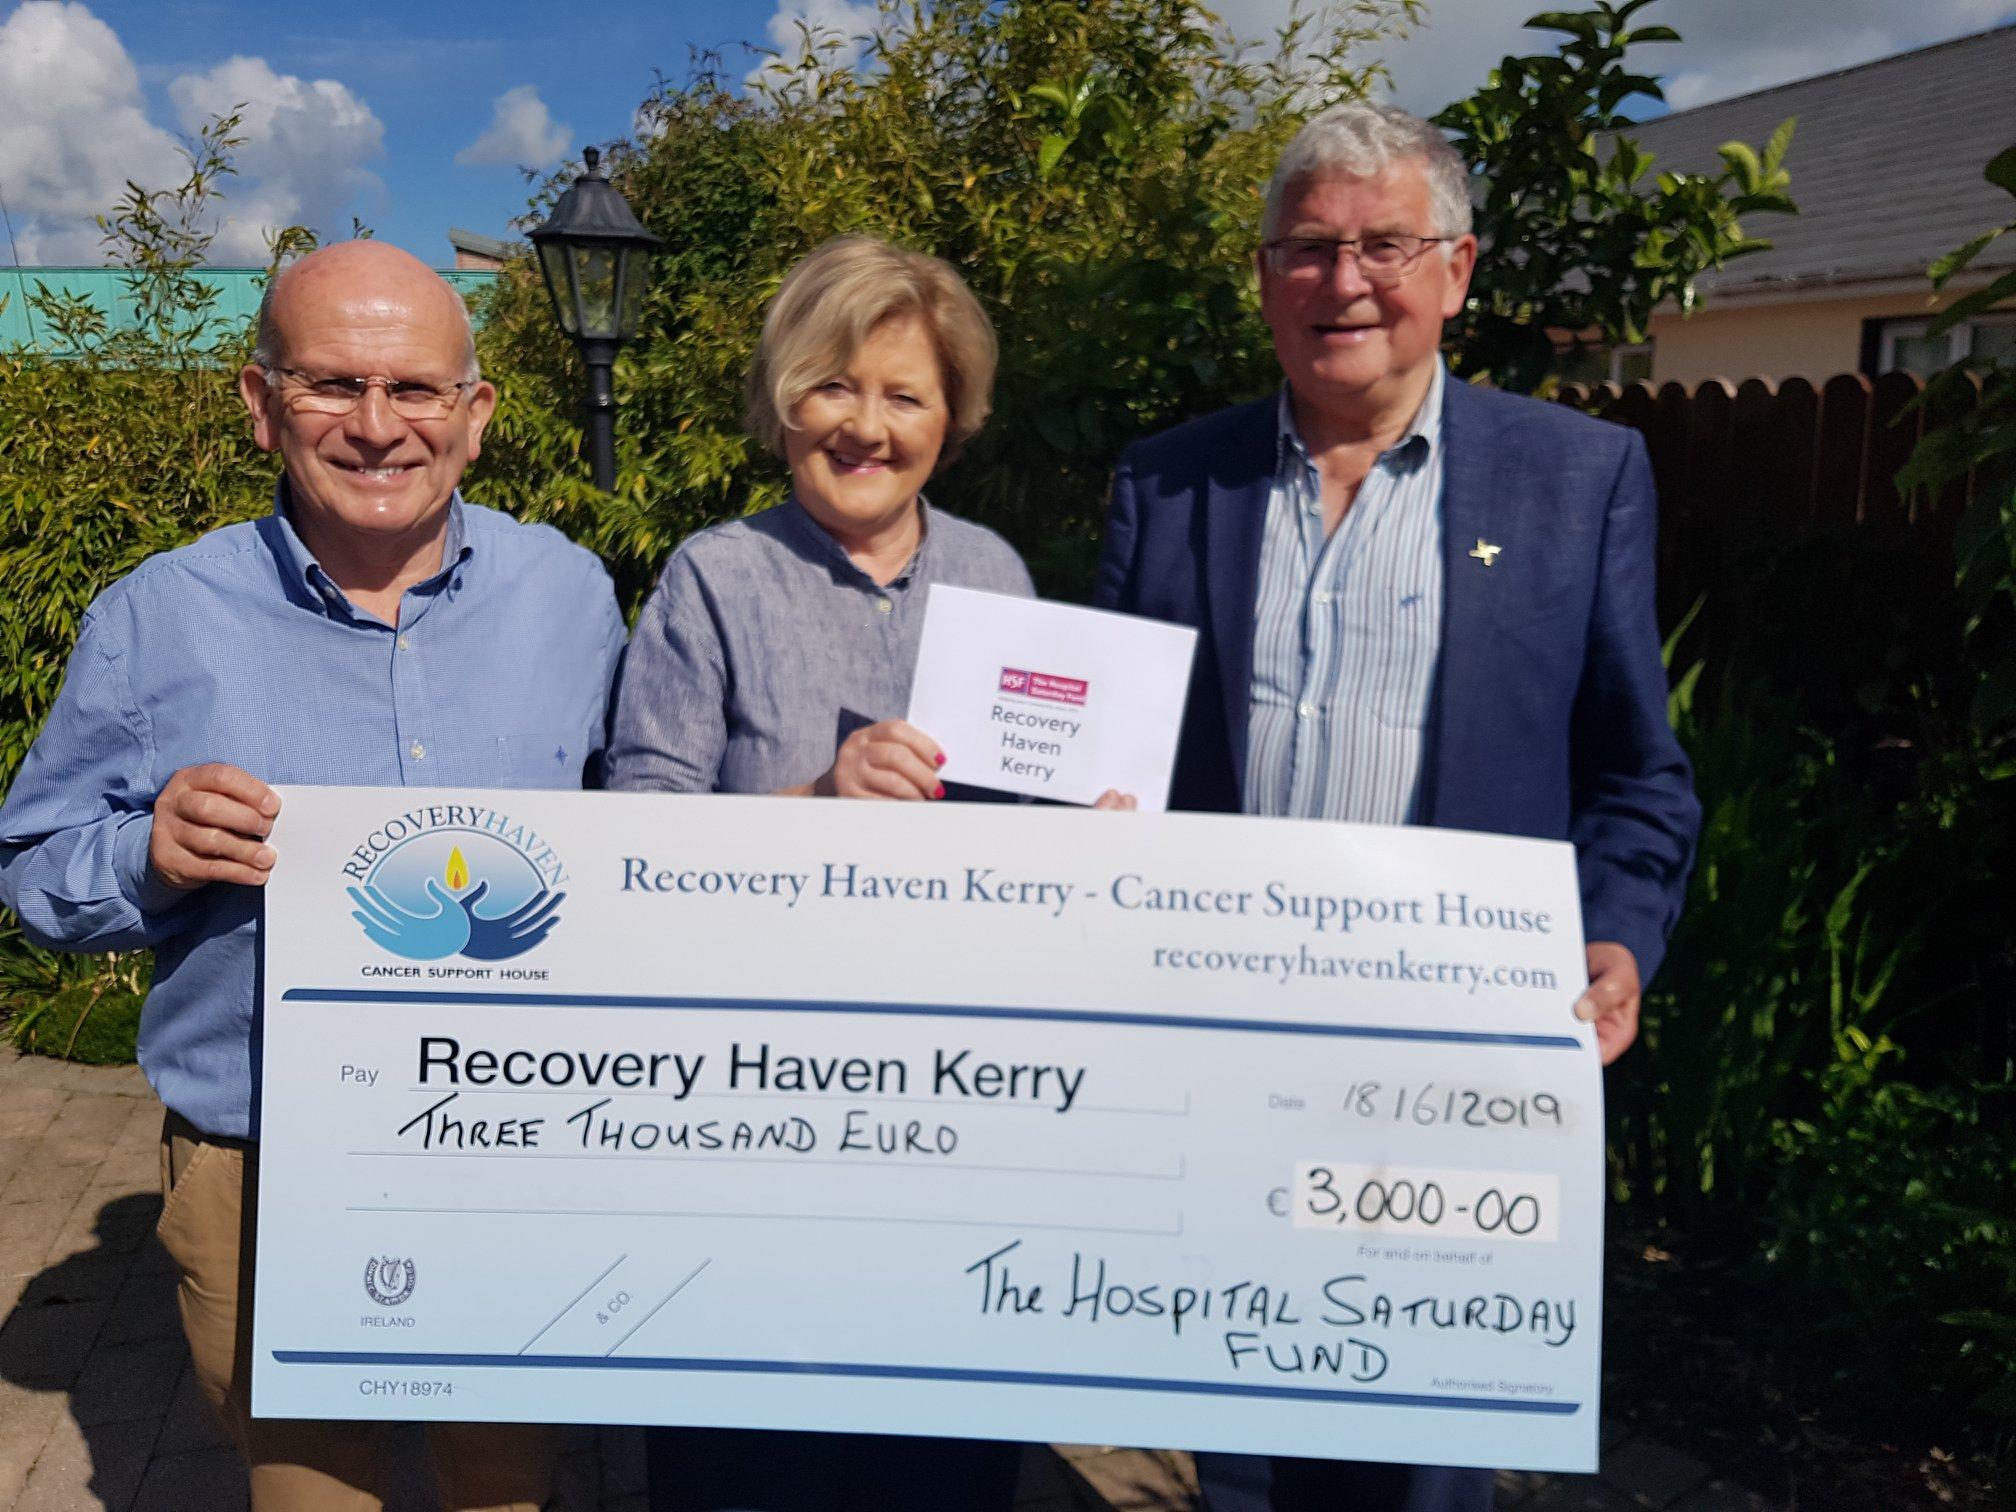 Thank you Hospital Saturday Fund!